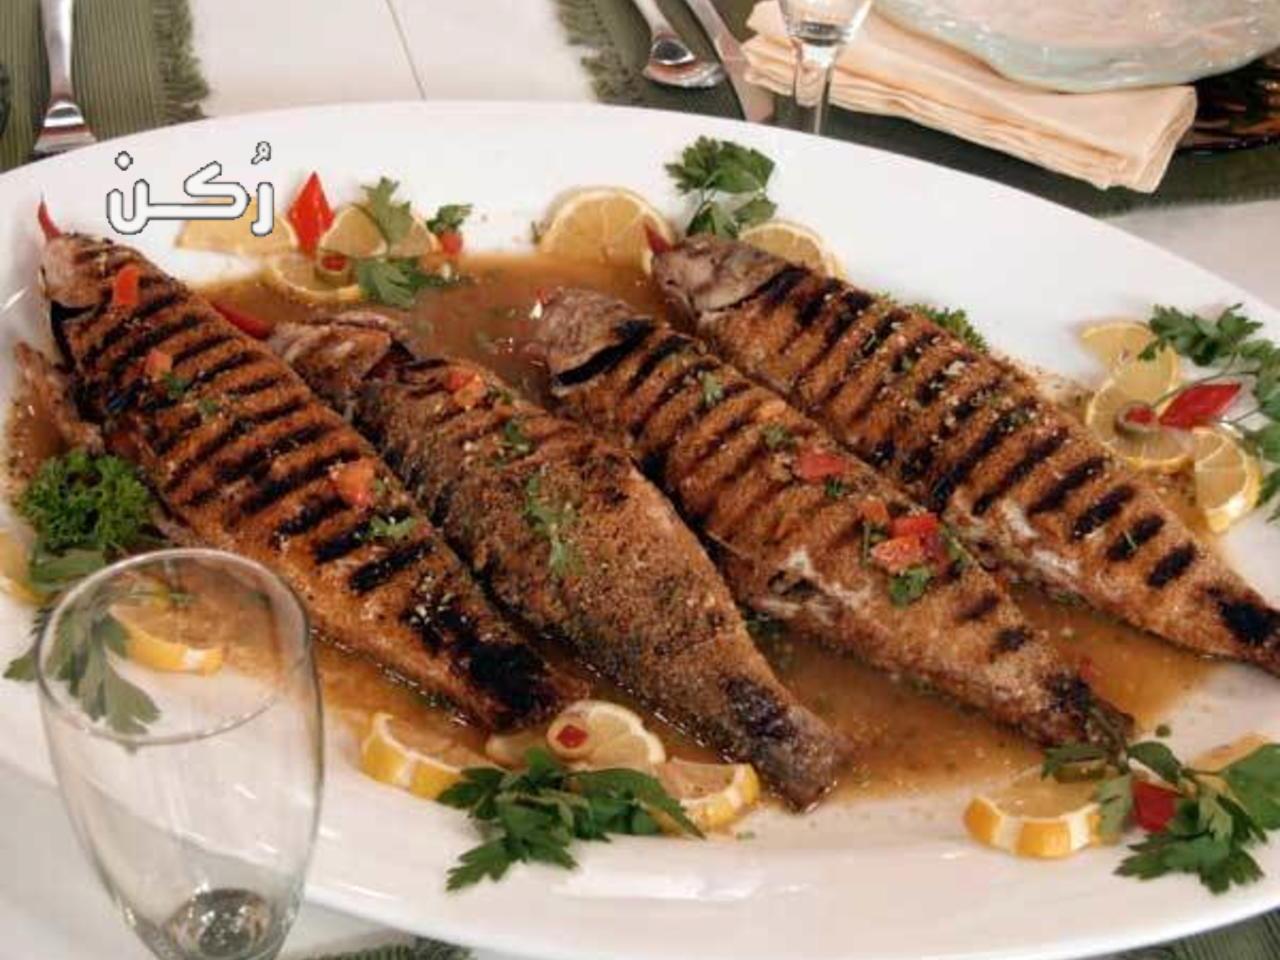 طريقة تحضير و عمل السمك البوري المقلي والمشوي